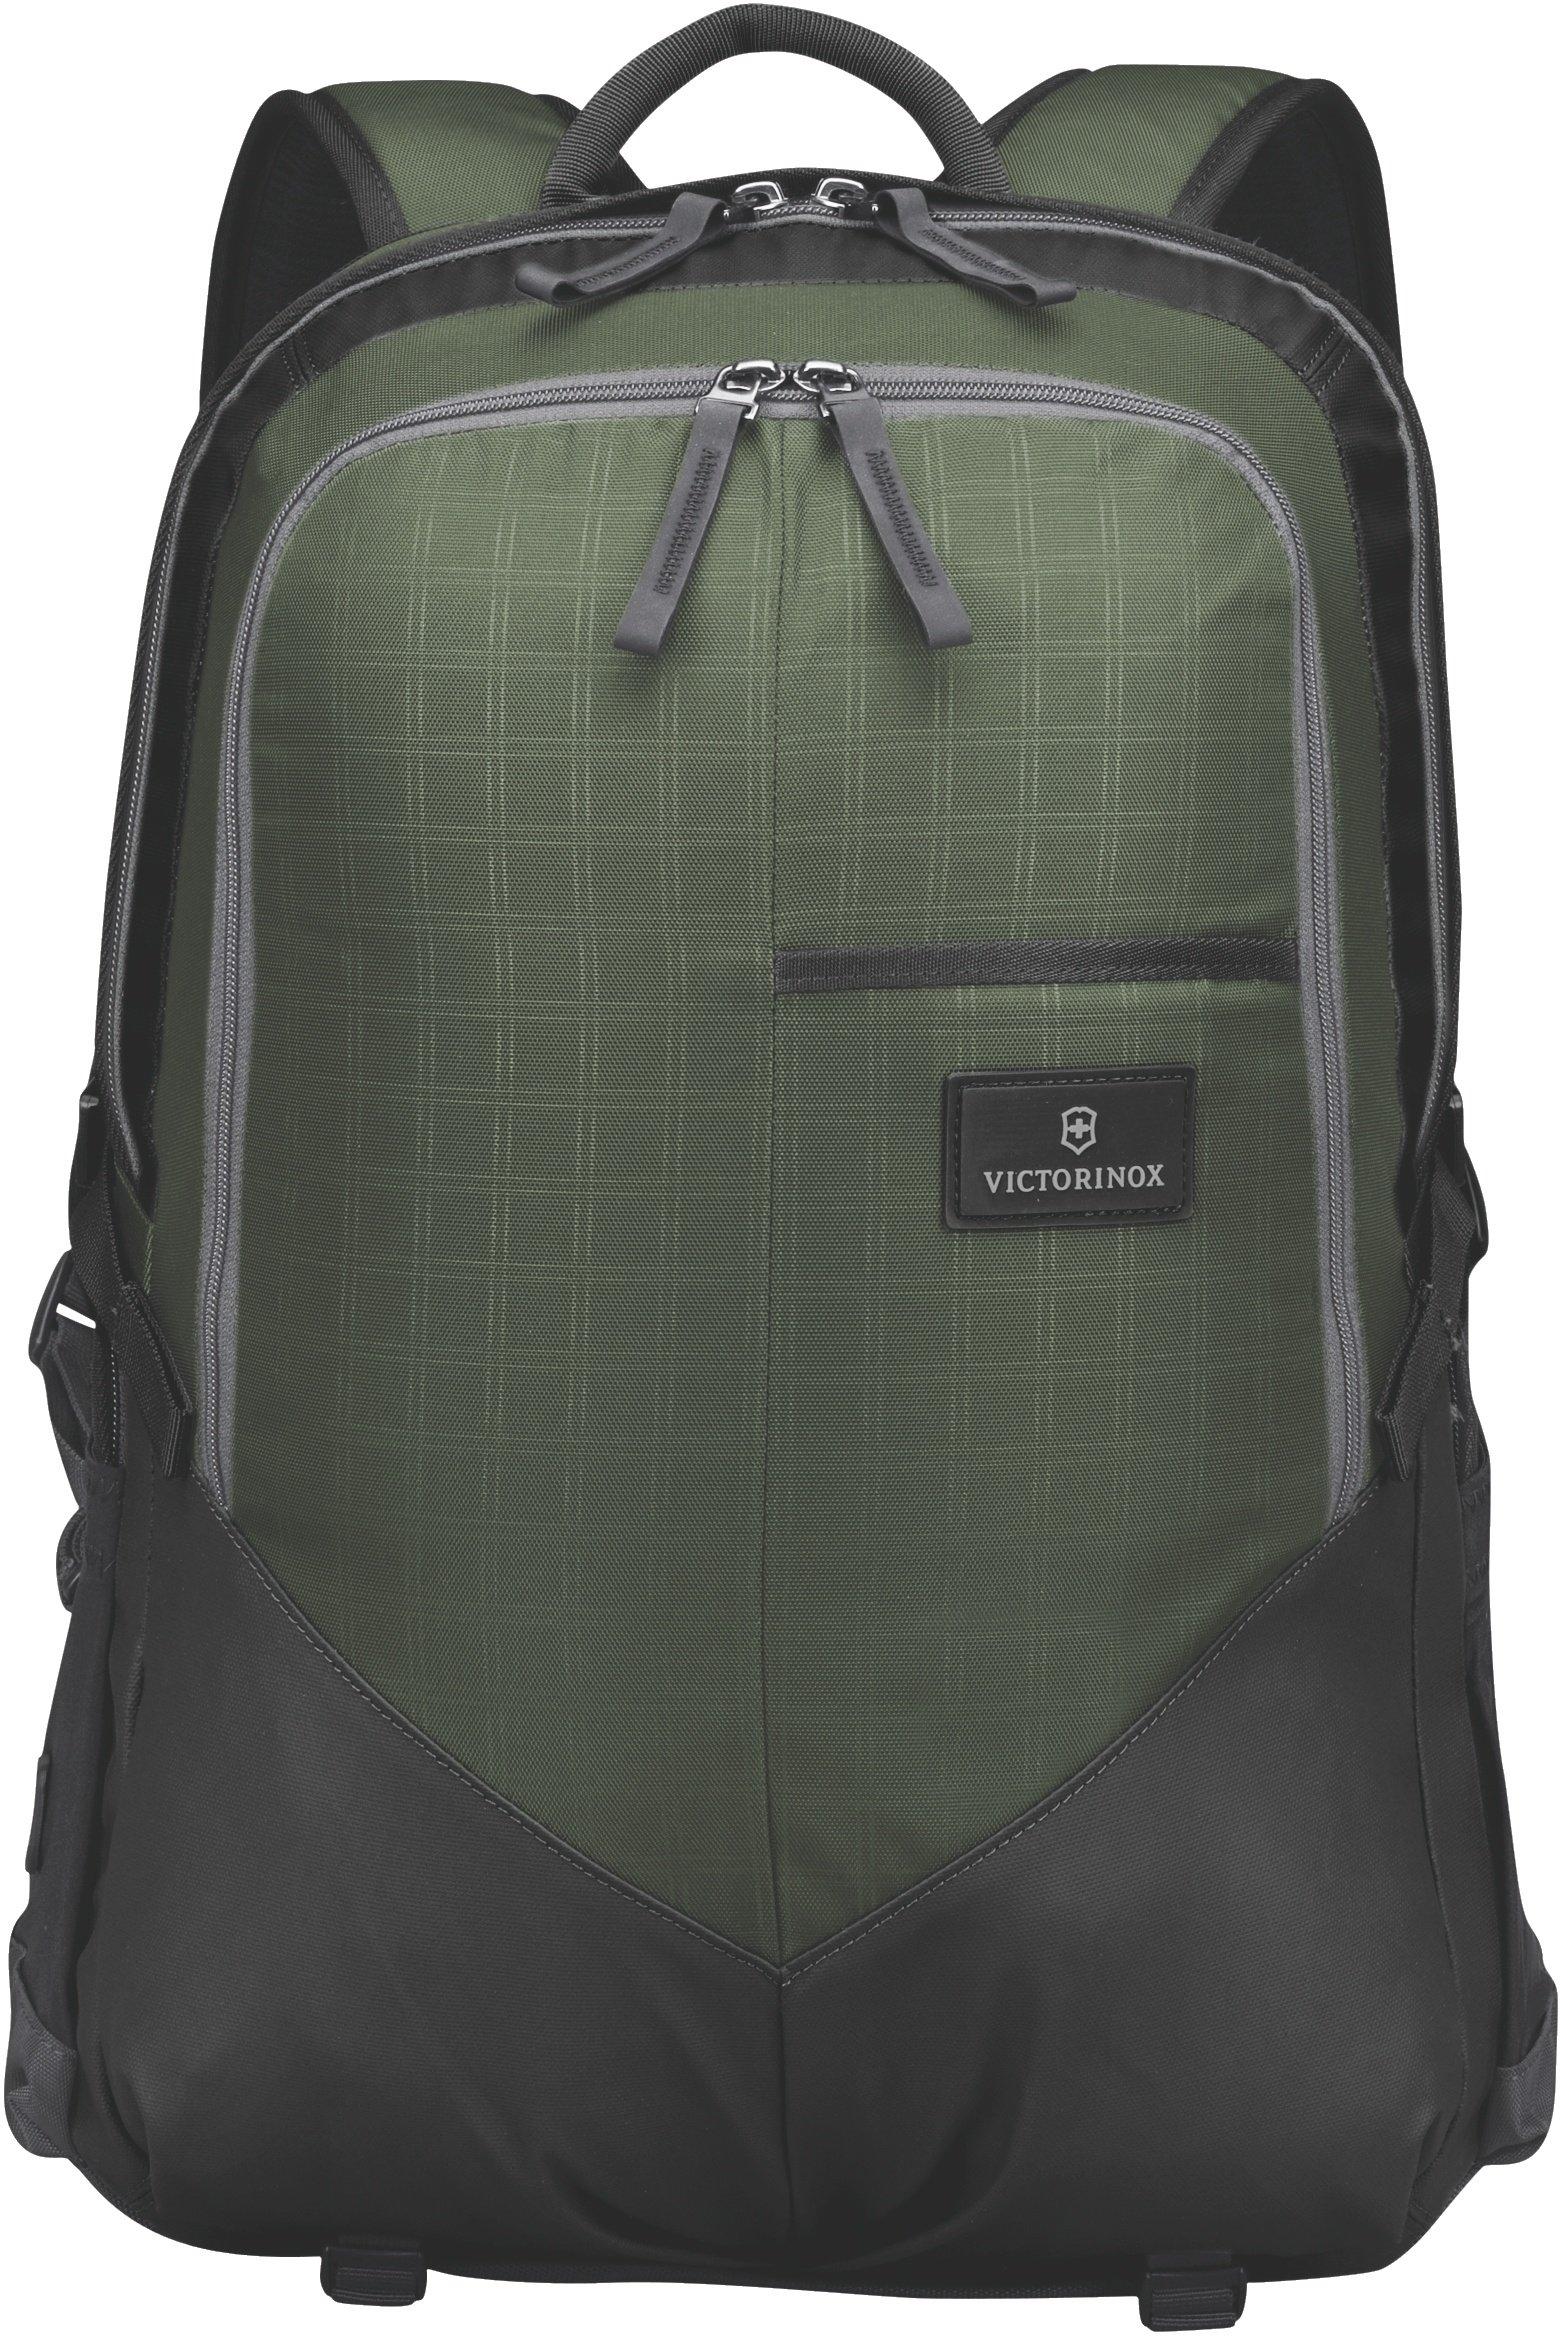 Victorinox Altmont 3.0 Deluxe Laptop Backpack, Green/Black